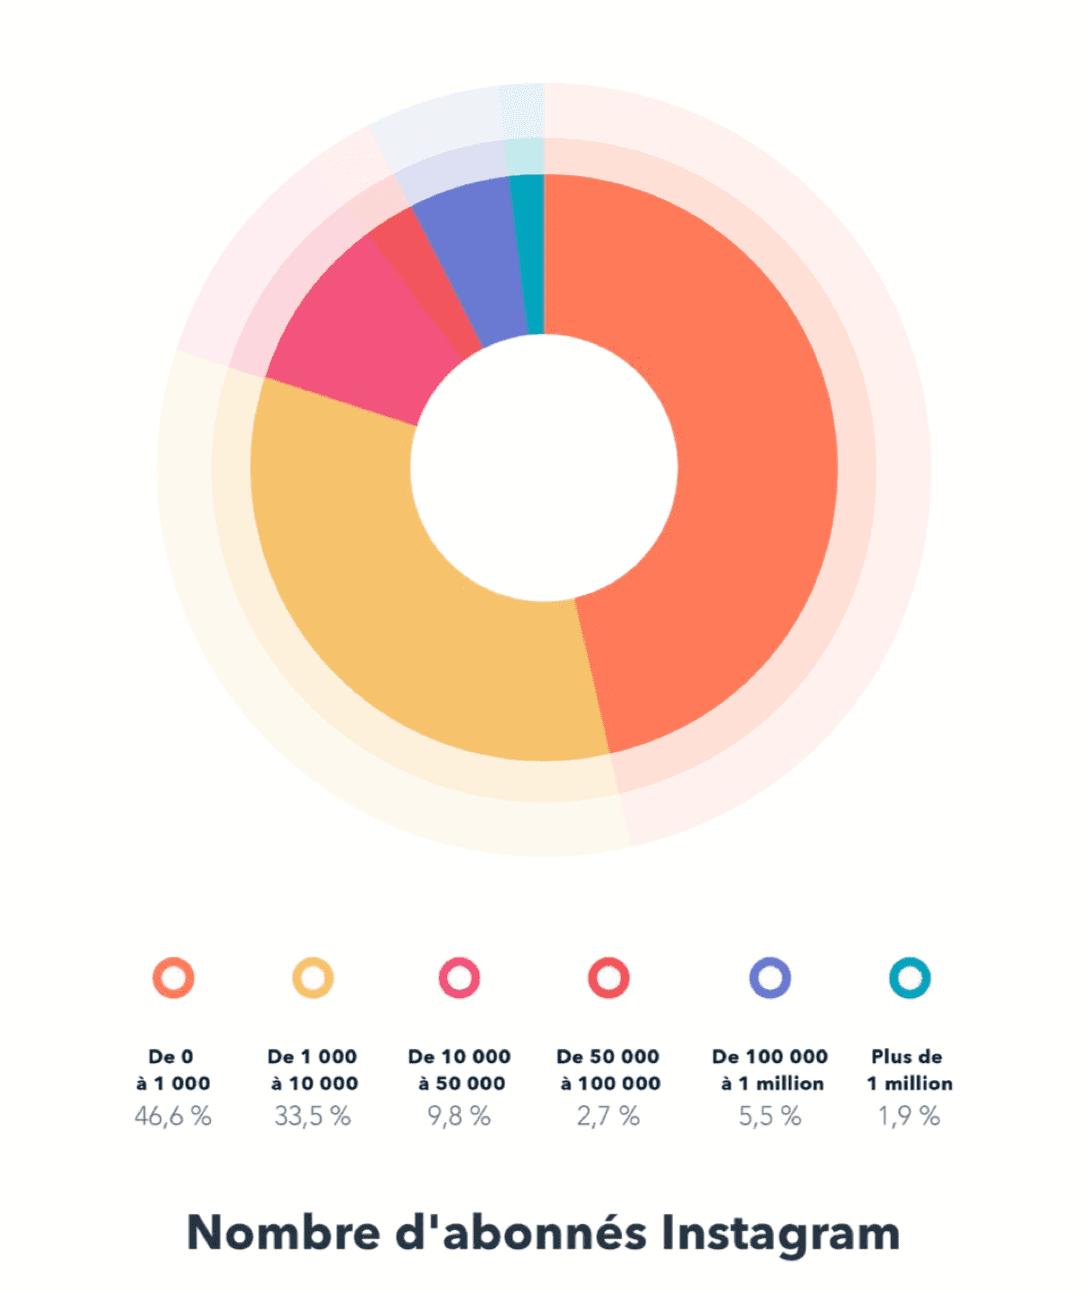 Nombre d'abonnés actifs sur Instagram en 2019 par type de compte.